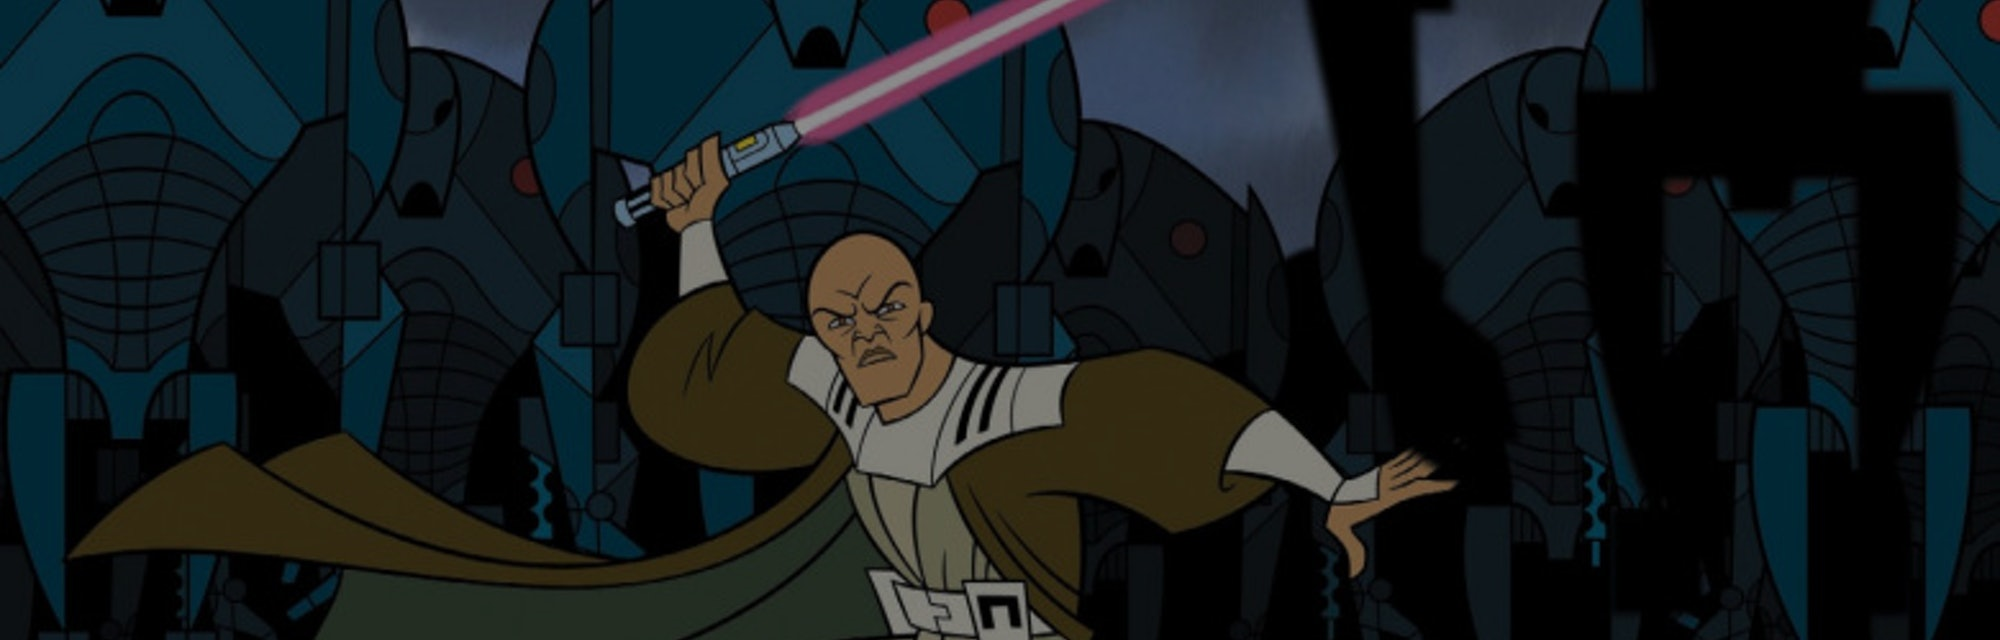 star wars clone wars 2003